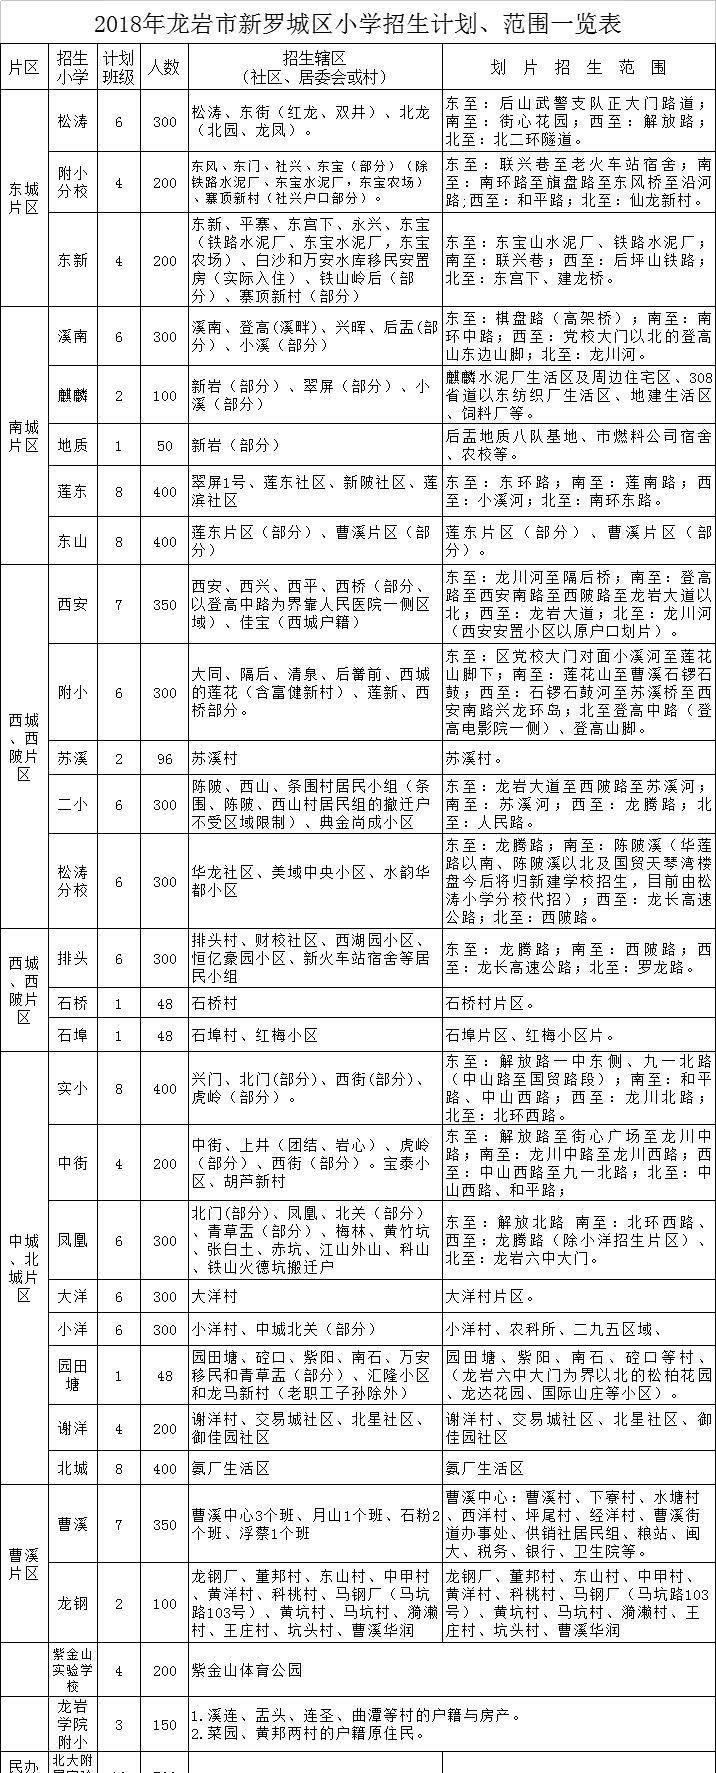 商通卡上海使用范围一览表